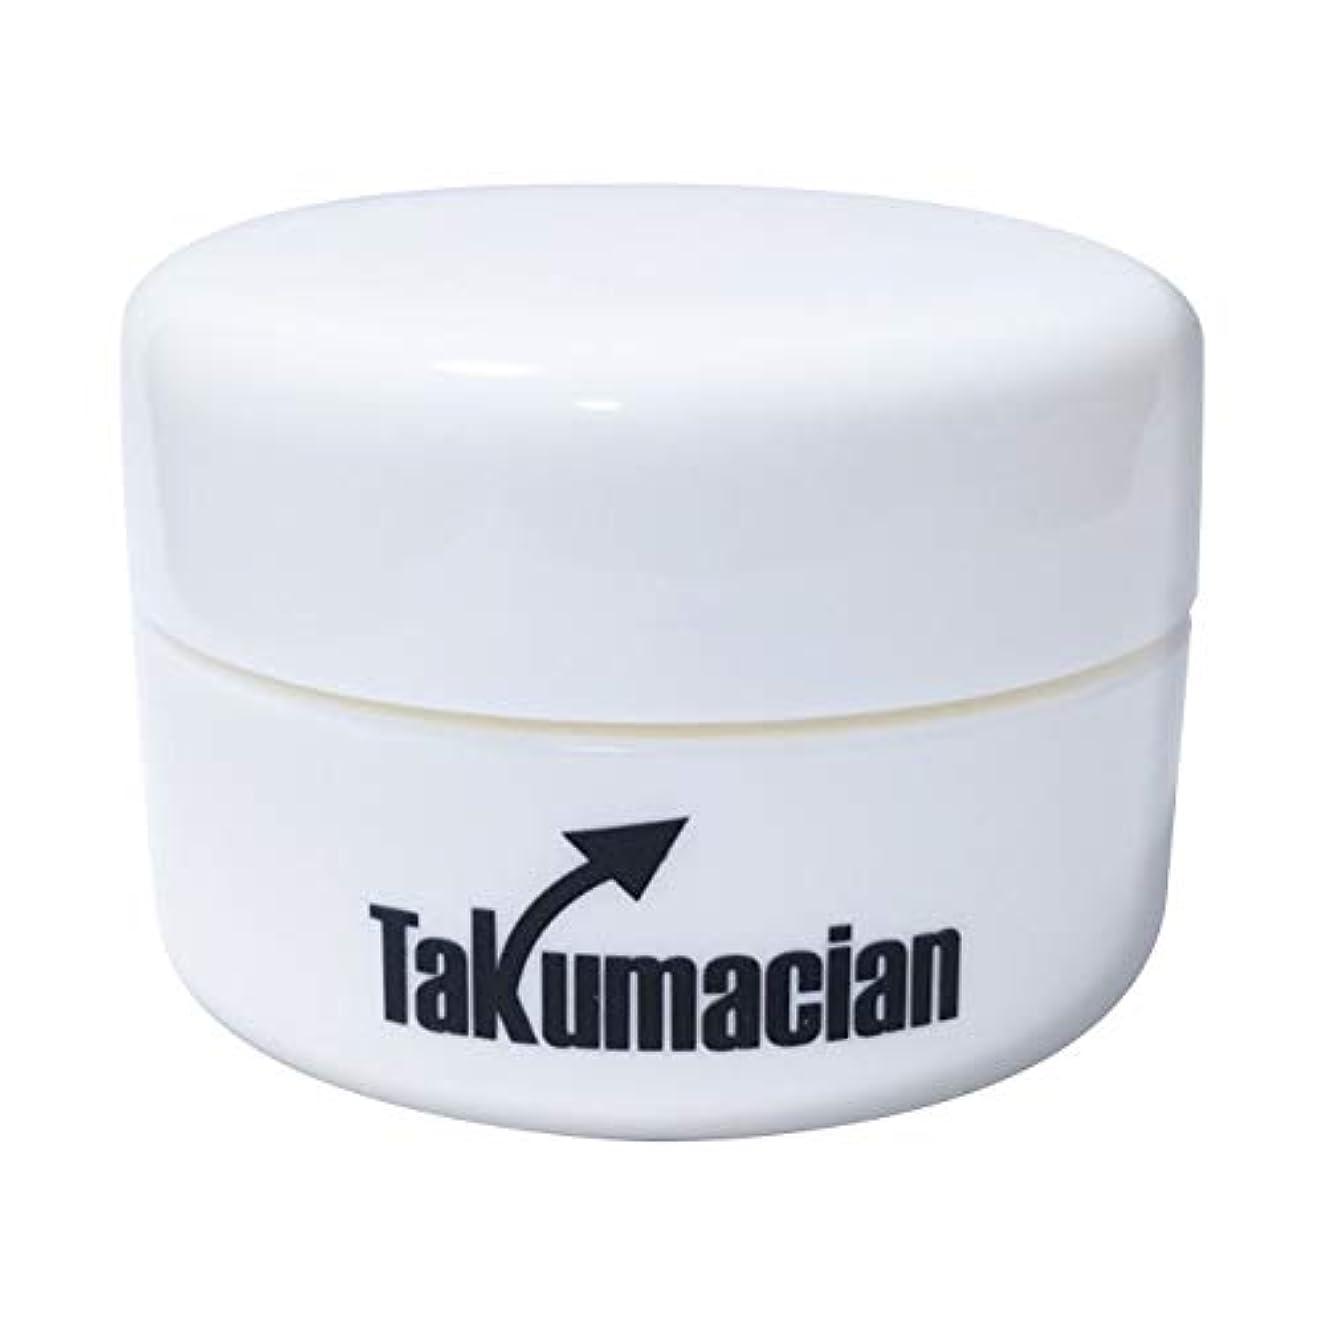 緑規模生命体Takumacian タクマシアン ボディ用クリーム 男性用 長持ち 自信